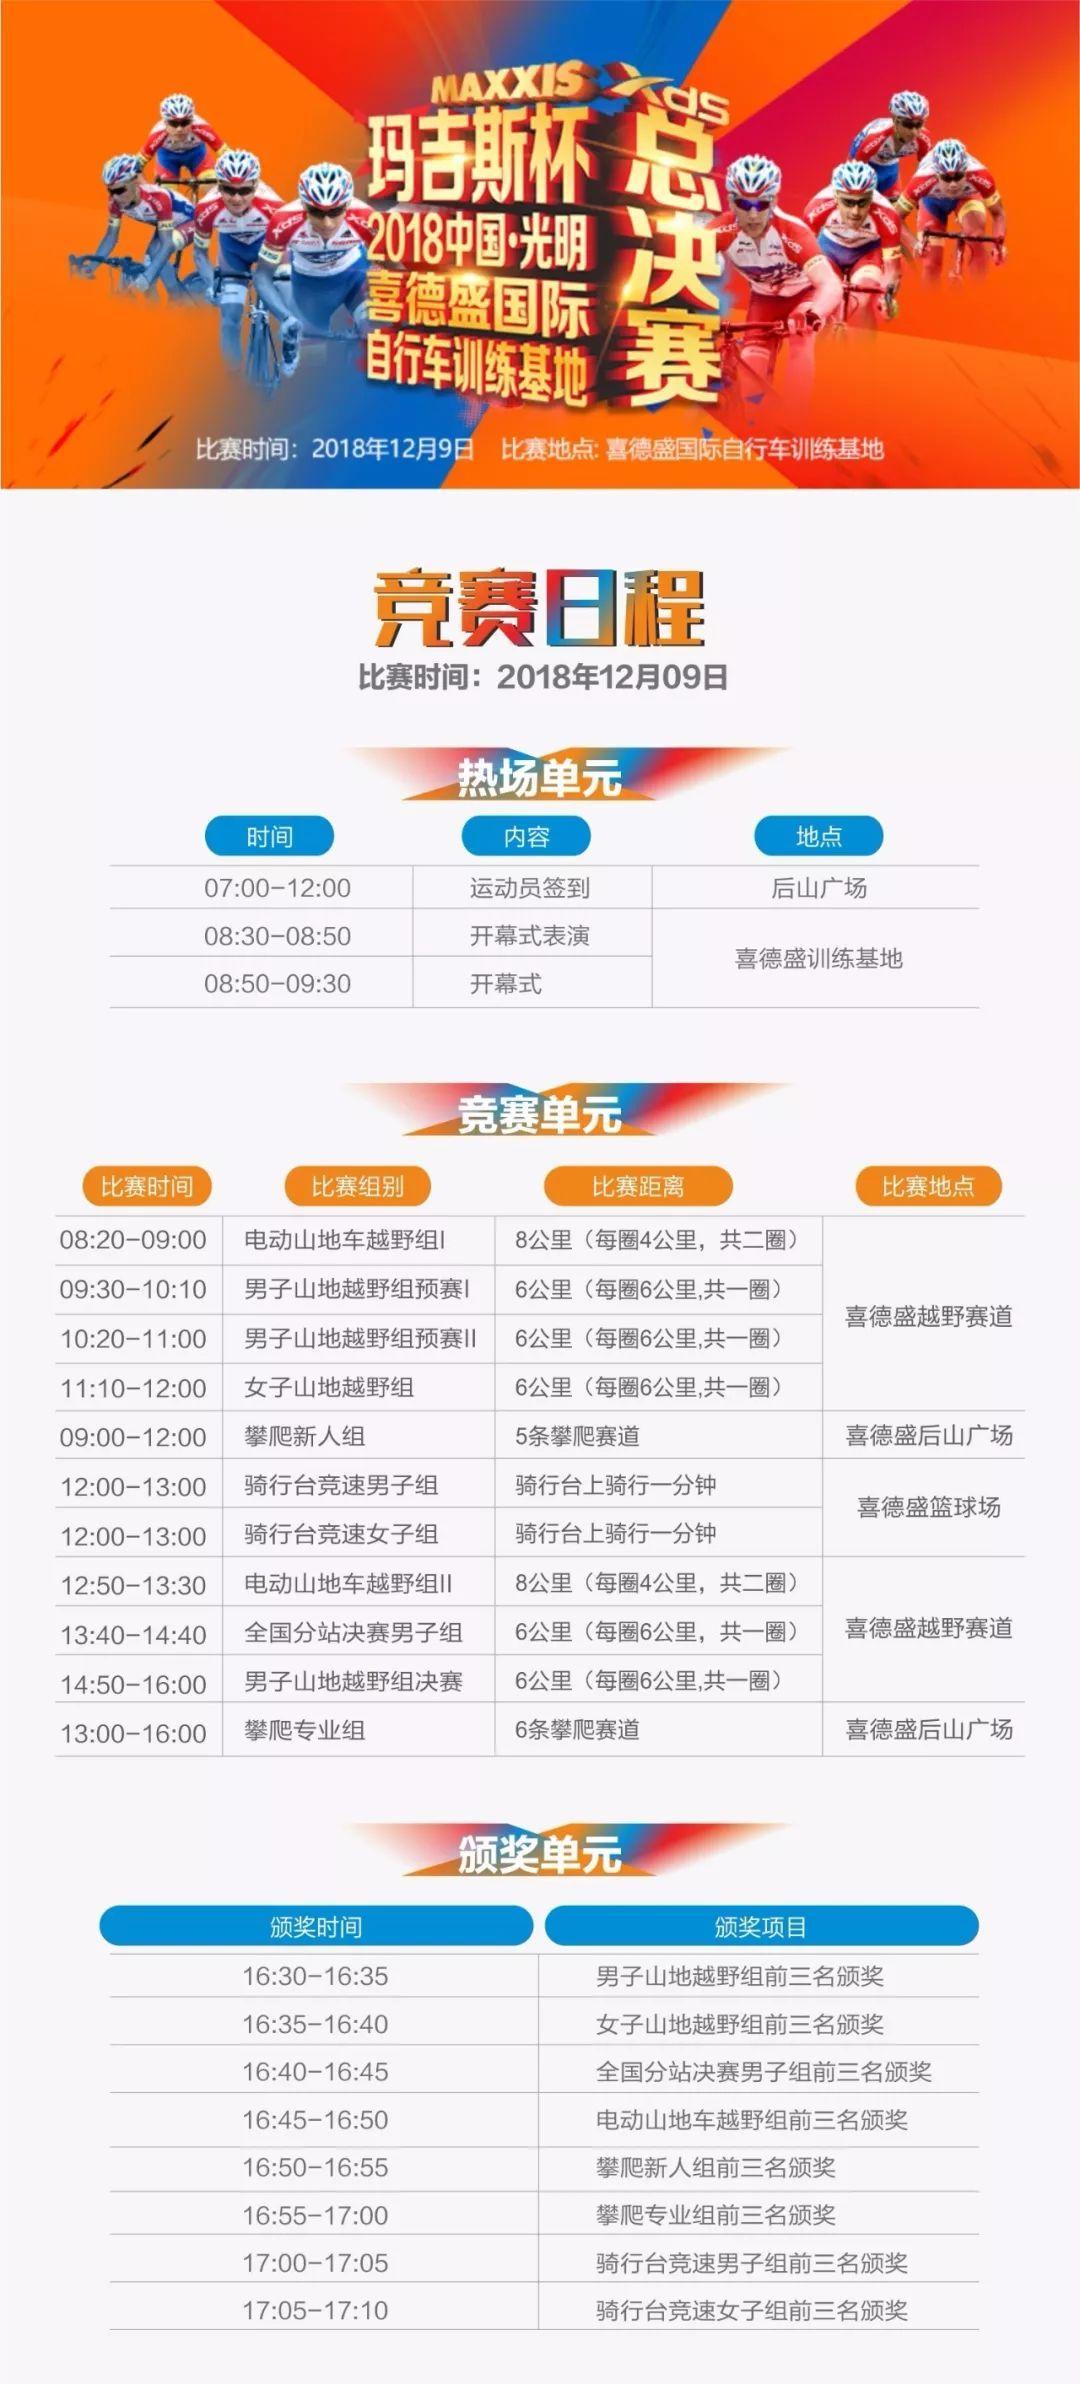 """总决赛报名""""玛吉斯杯""""2018中国·光明喜德盛国际自行车训练基地总决赛"""